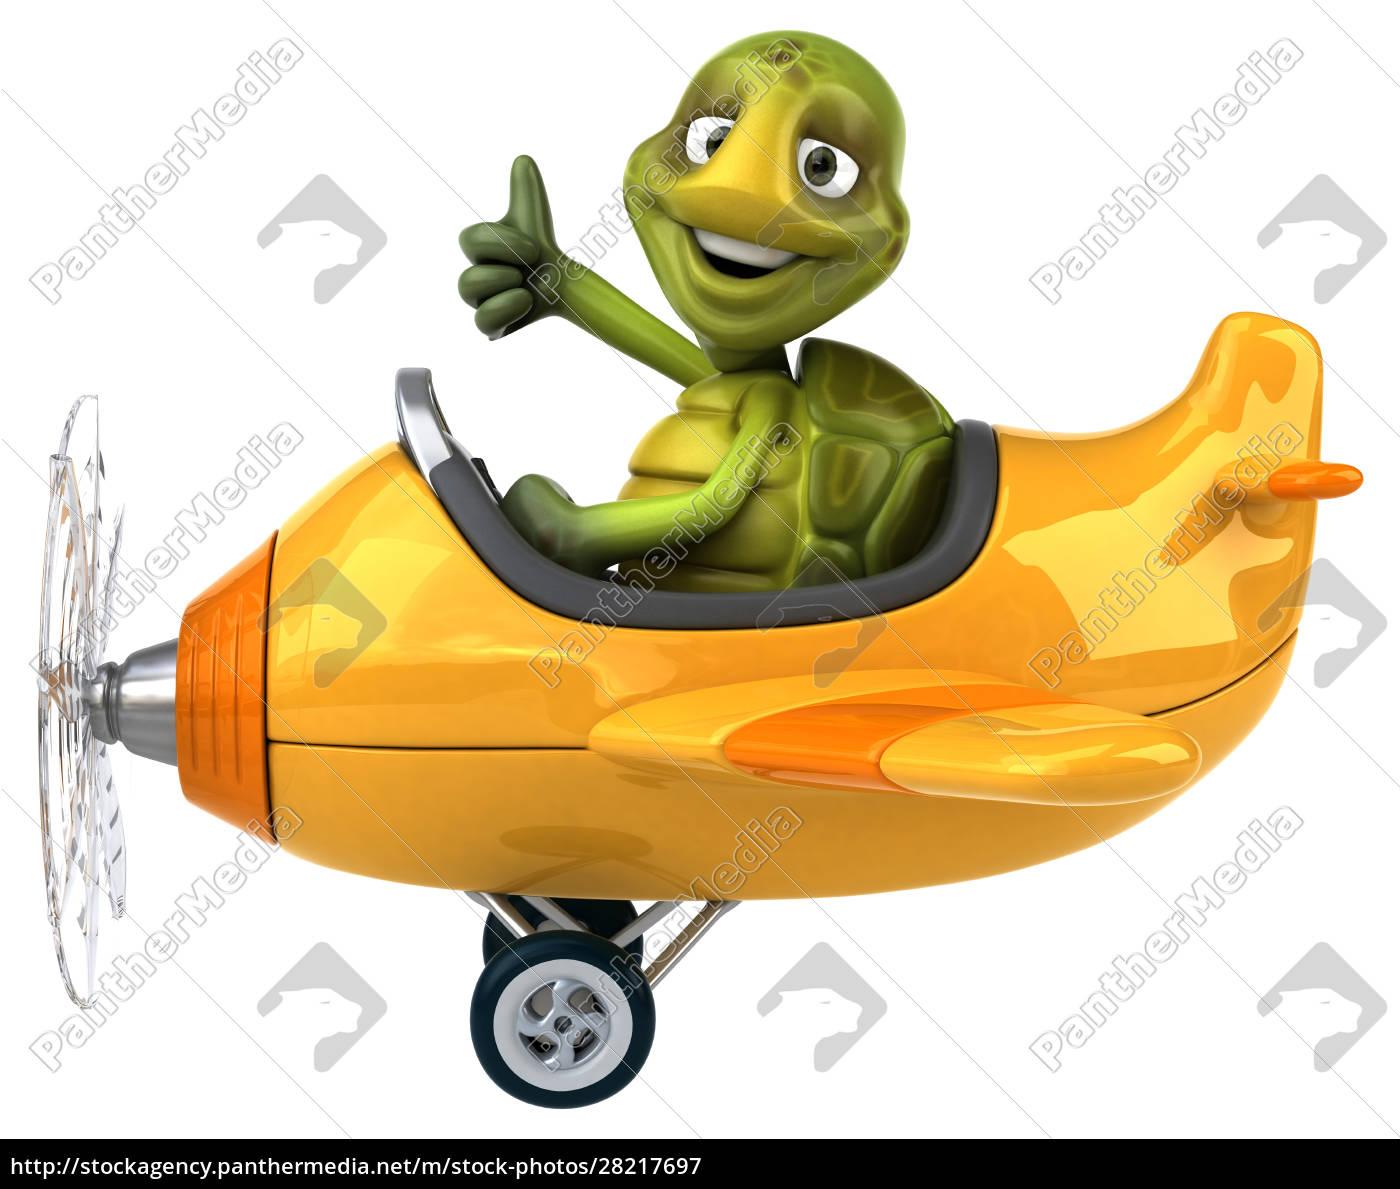 fun, turtle - 28217697